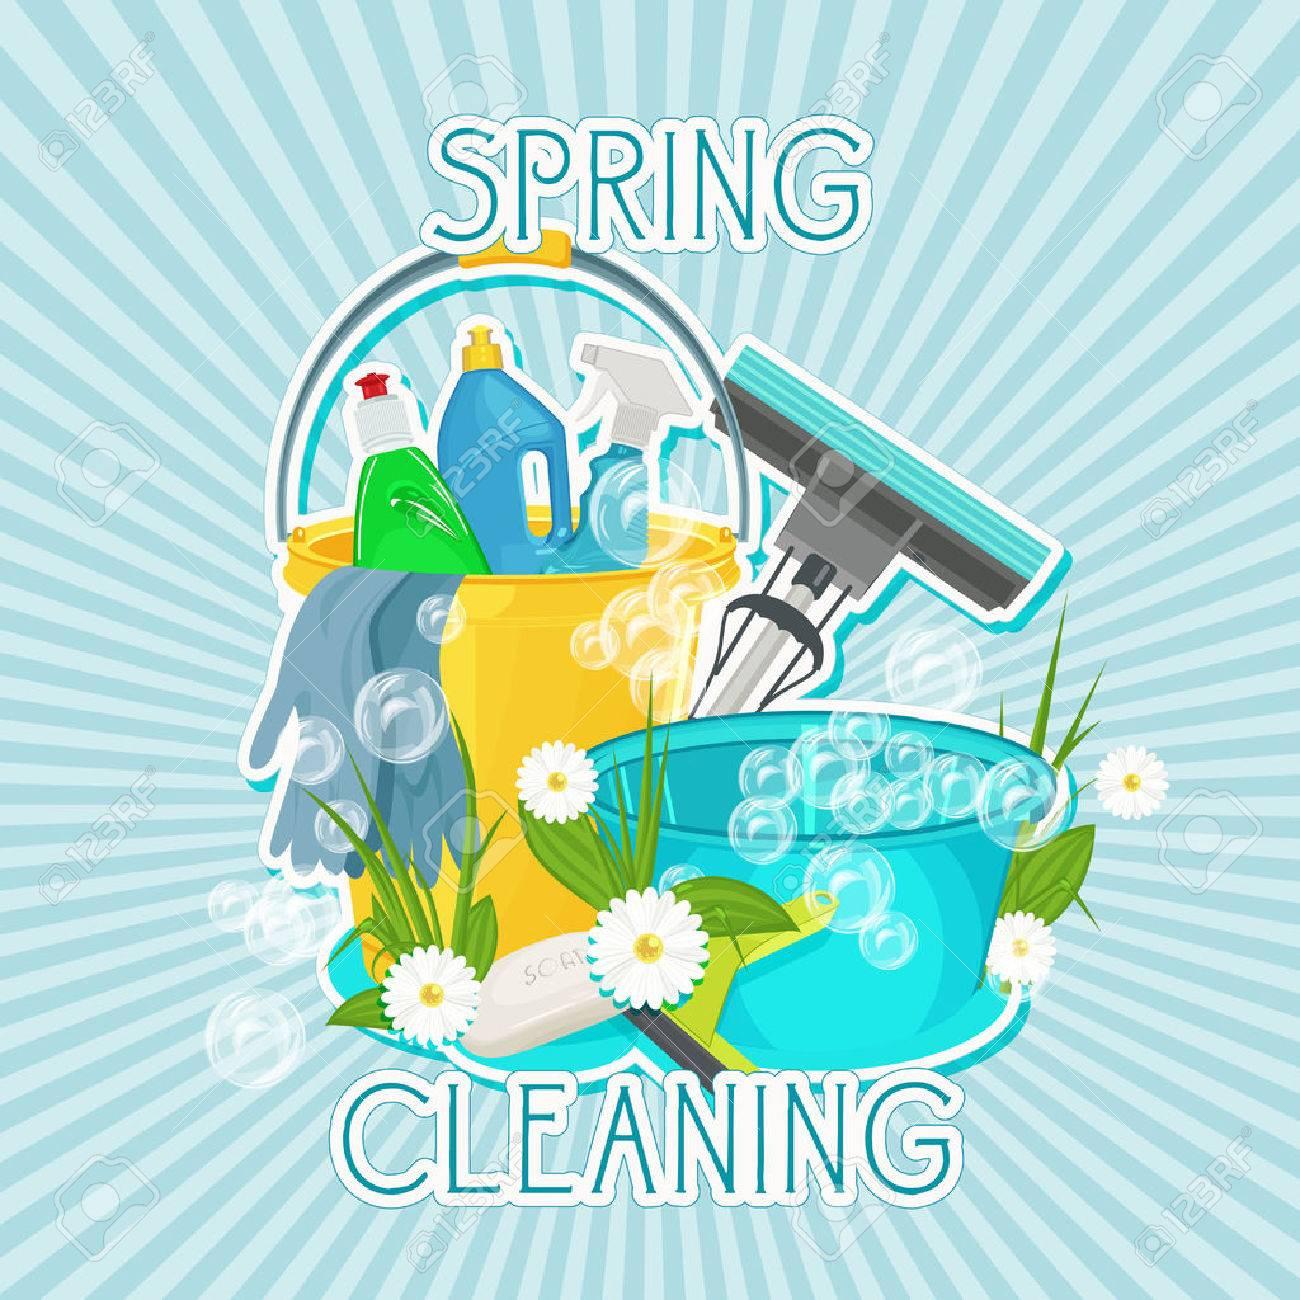 Diseño De Cartel Para El Servicio De Limpieza Y Productos De